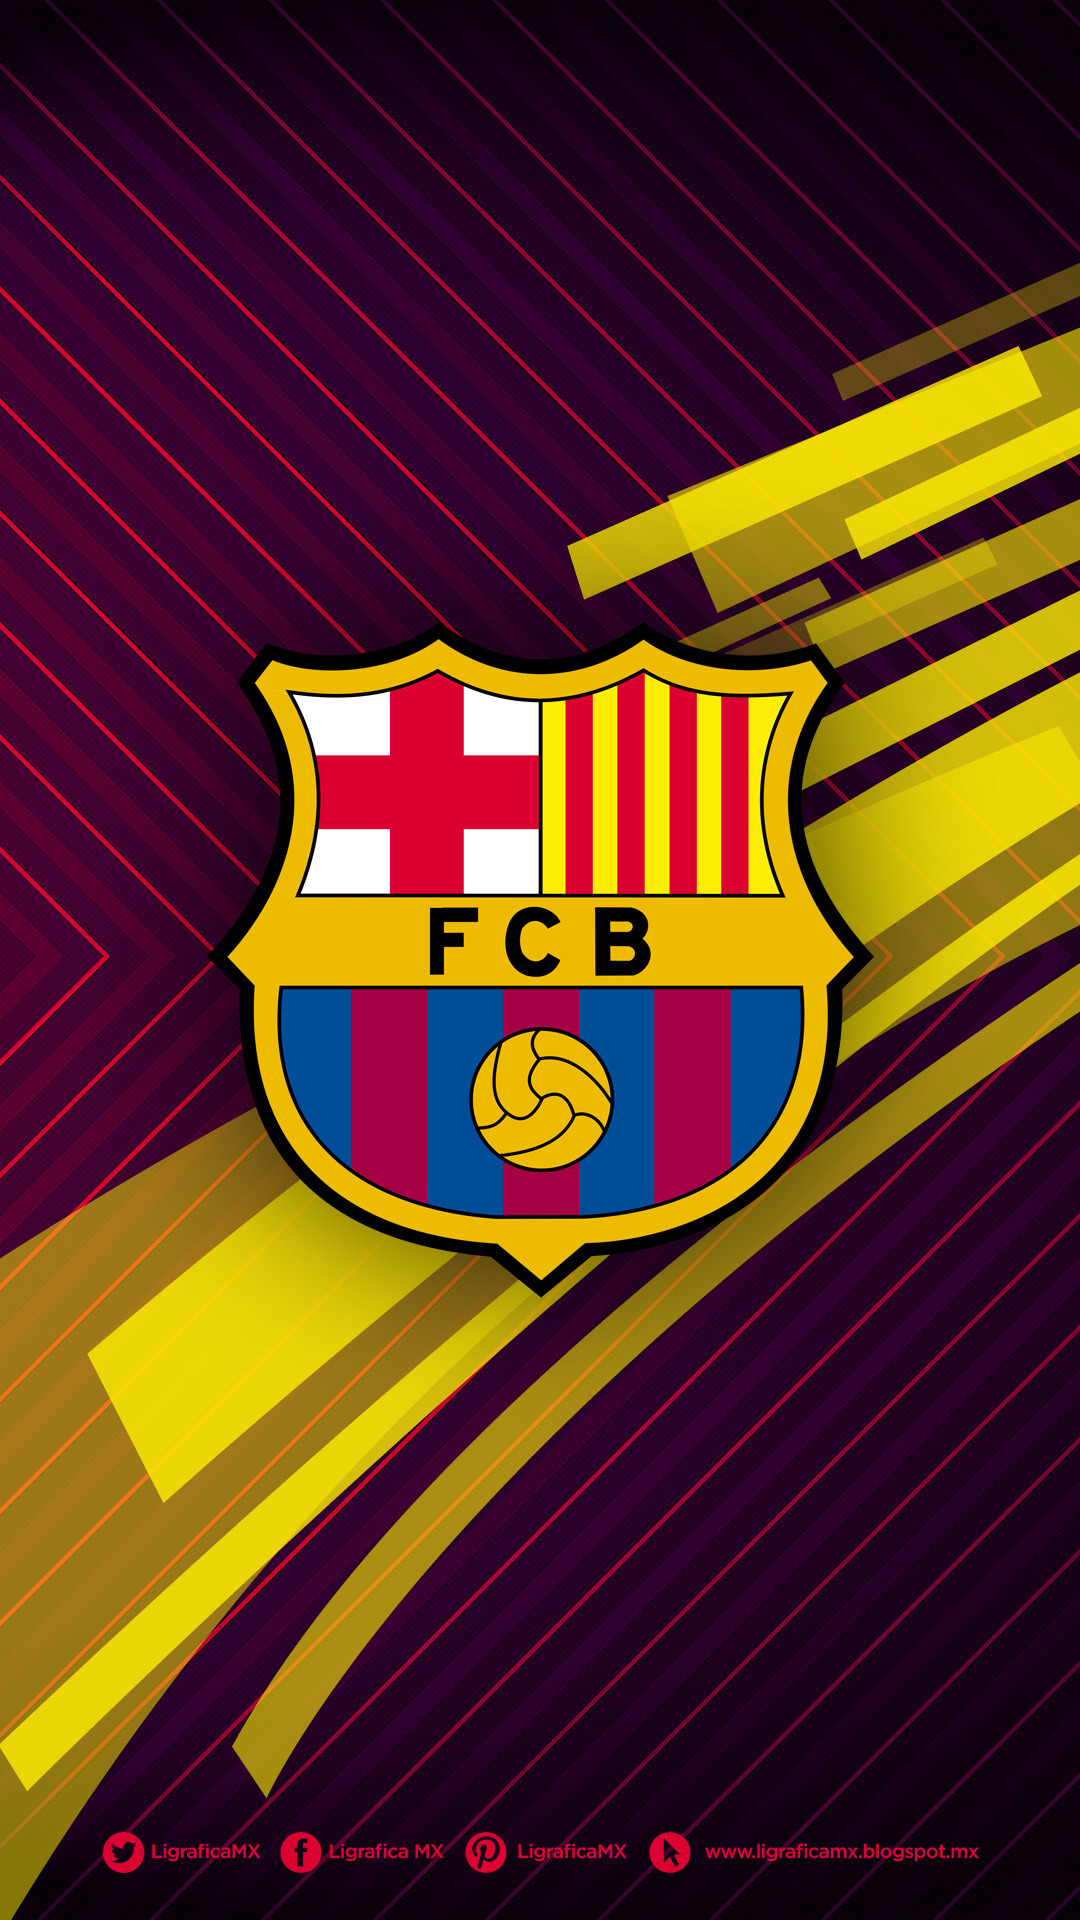 Wallpaper Logo F.